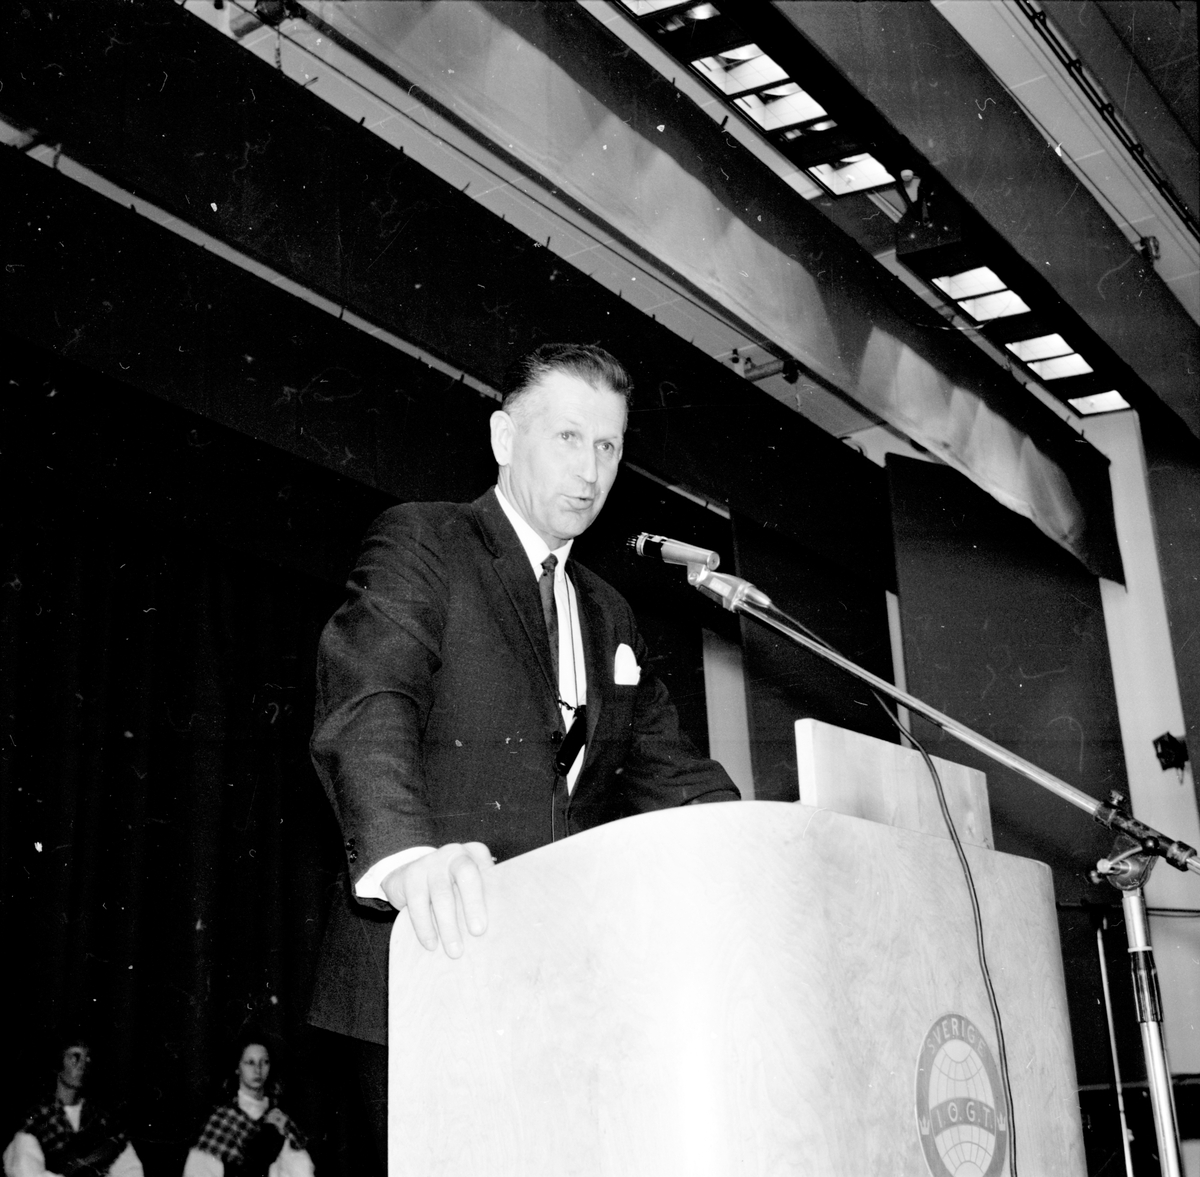 Arbrå, Invigning av forum, Juni 1970